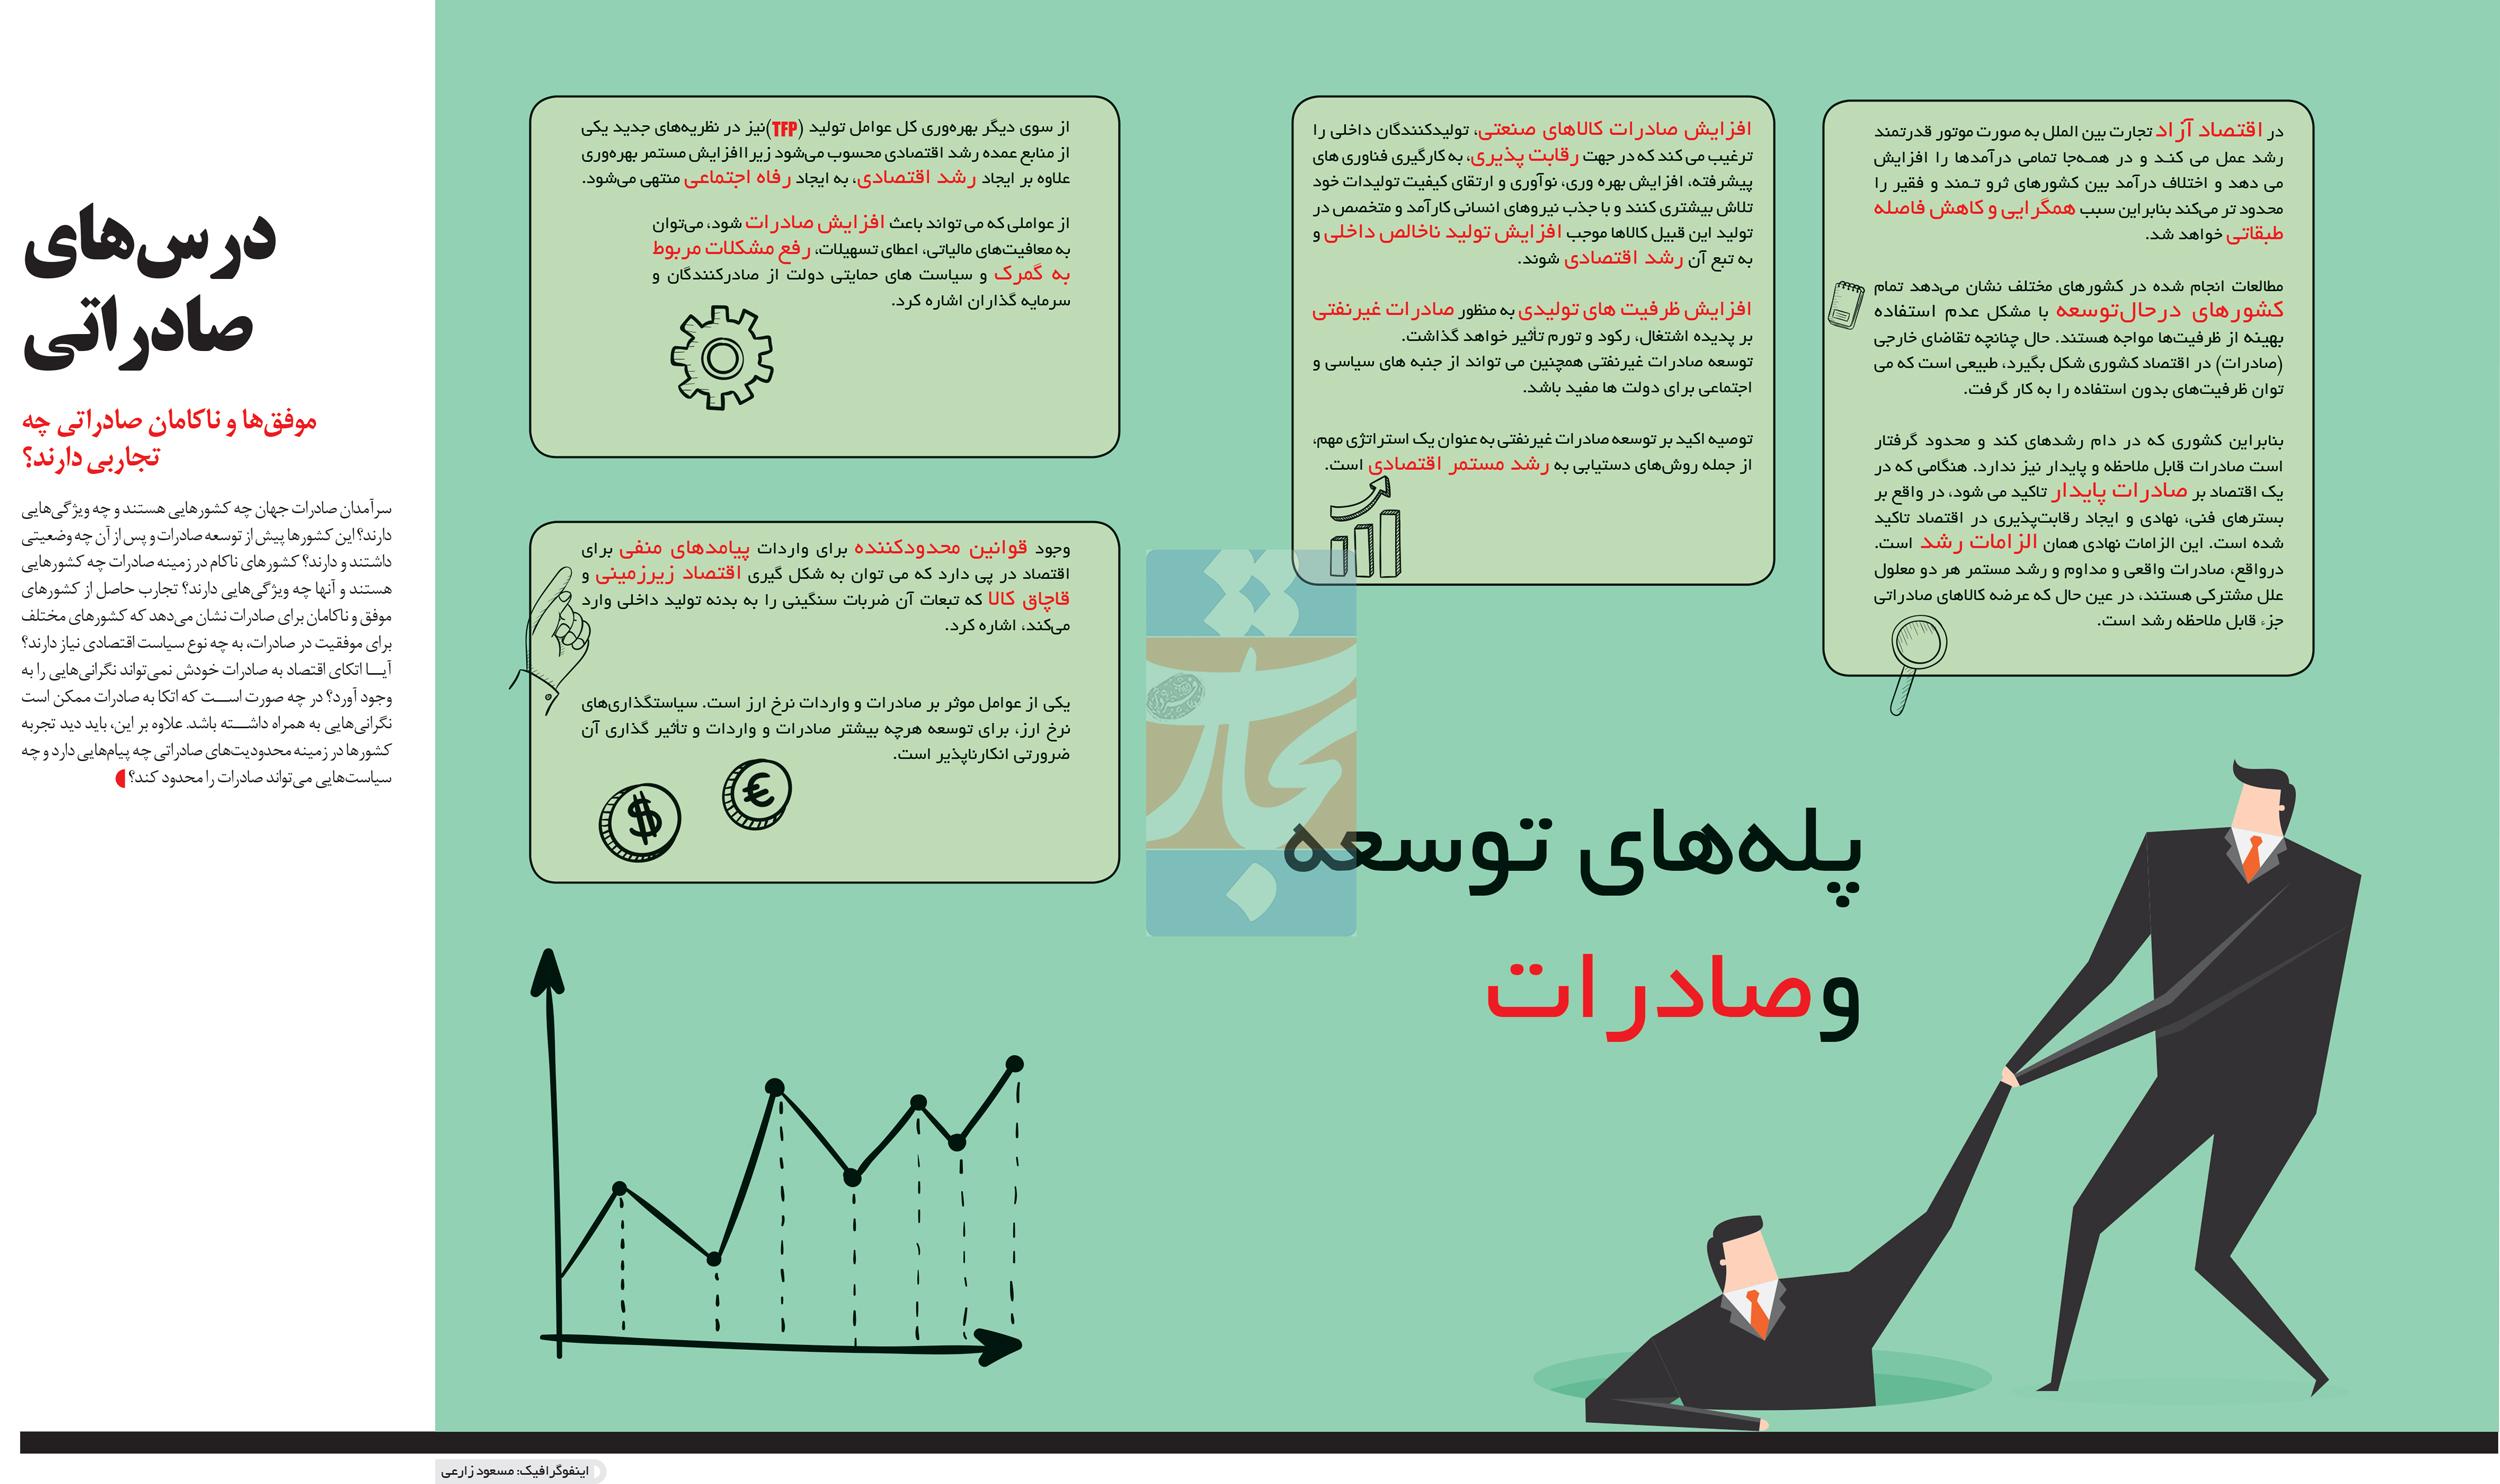 تجارت- فردا- پلههای توسعه وصادرات